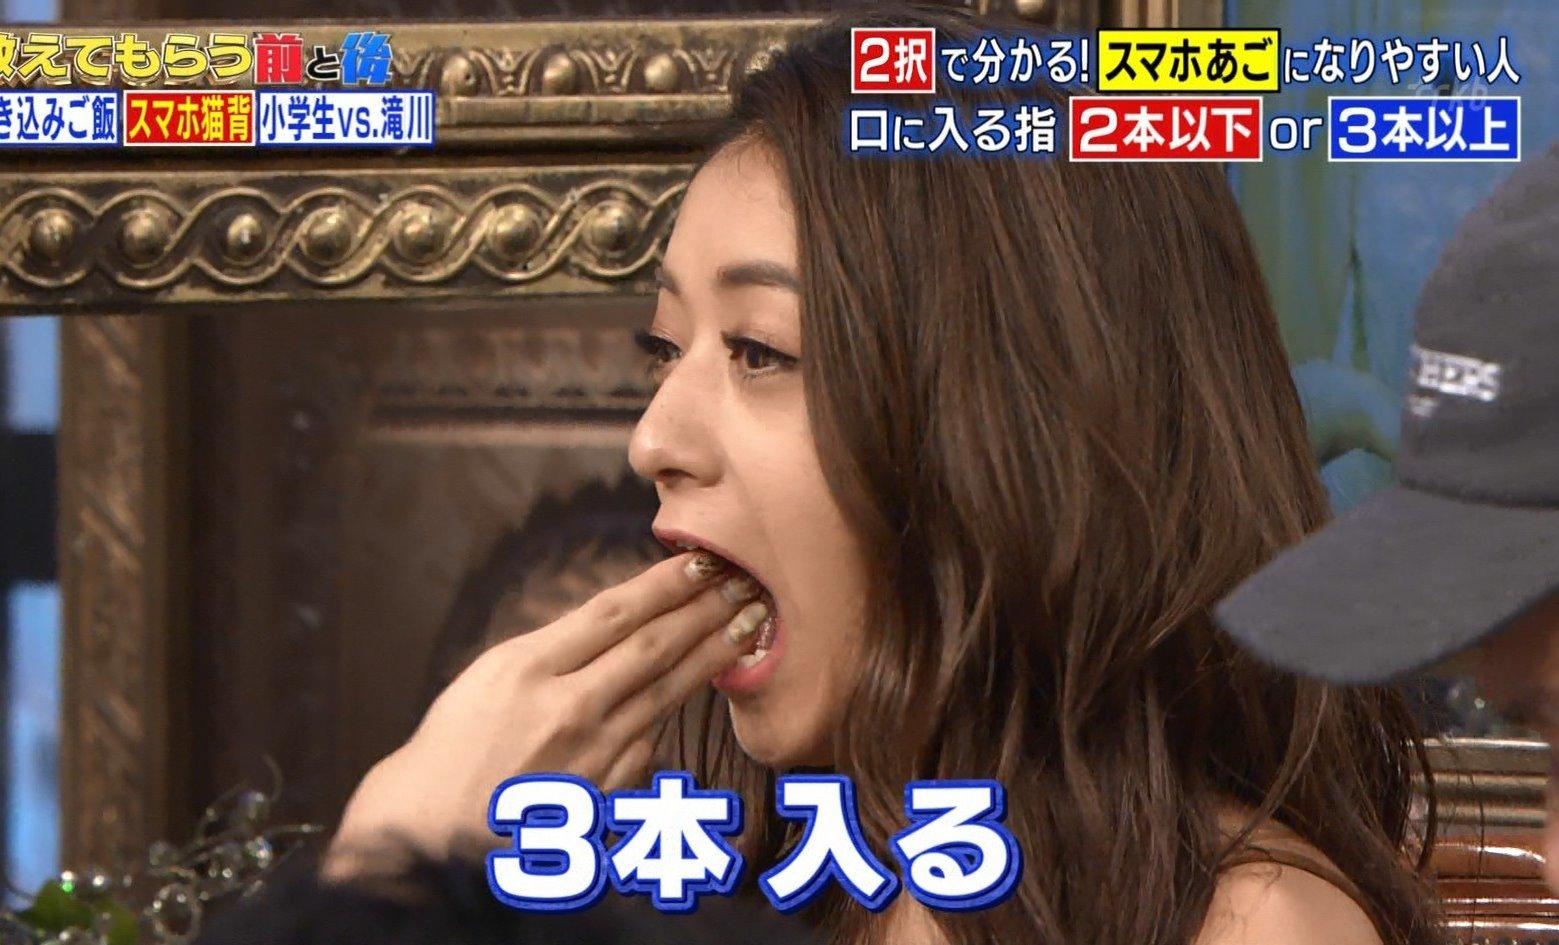 池田美優の開口舌見せ (3)